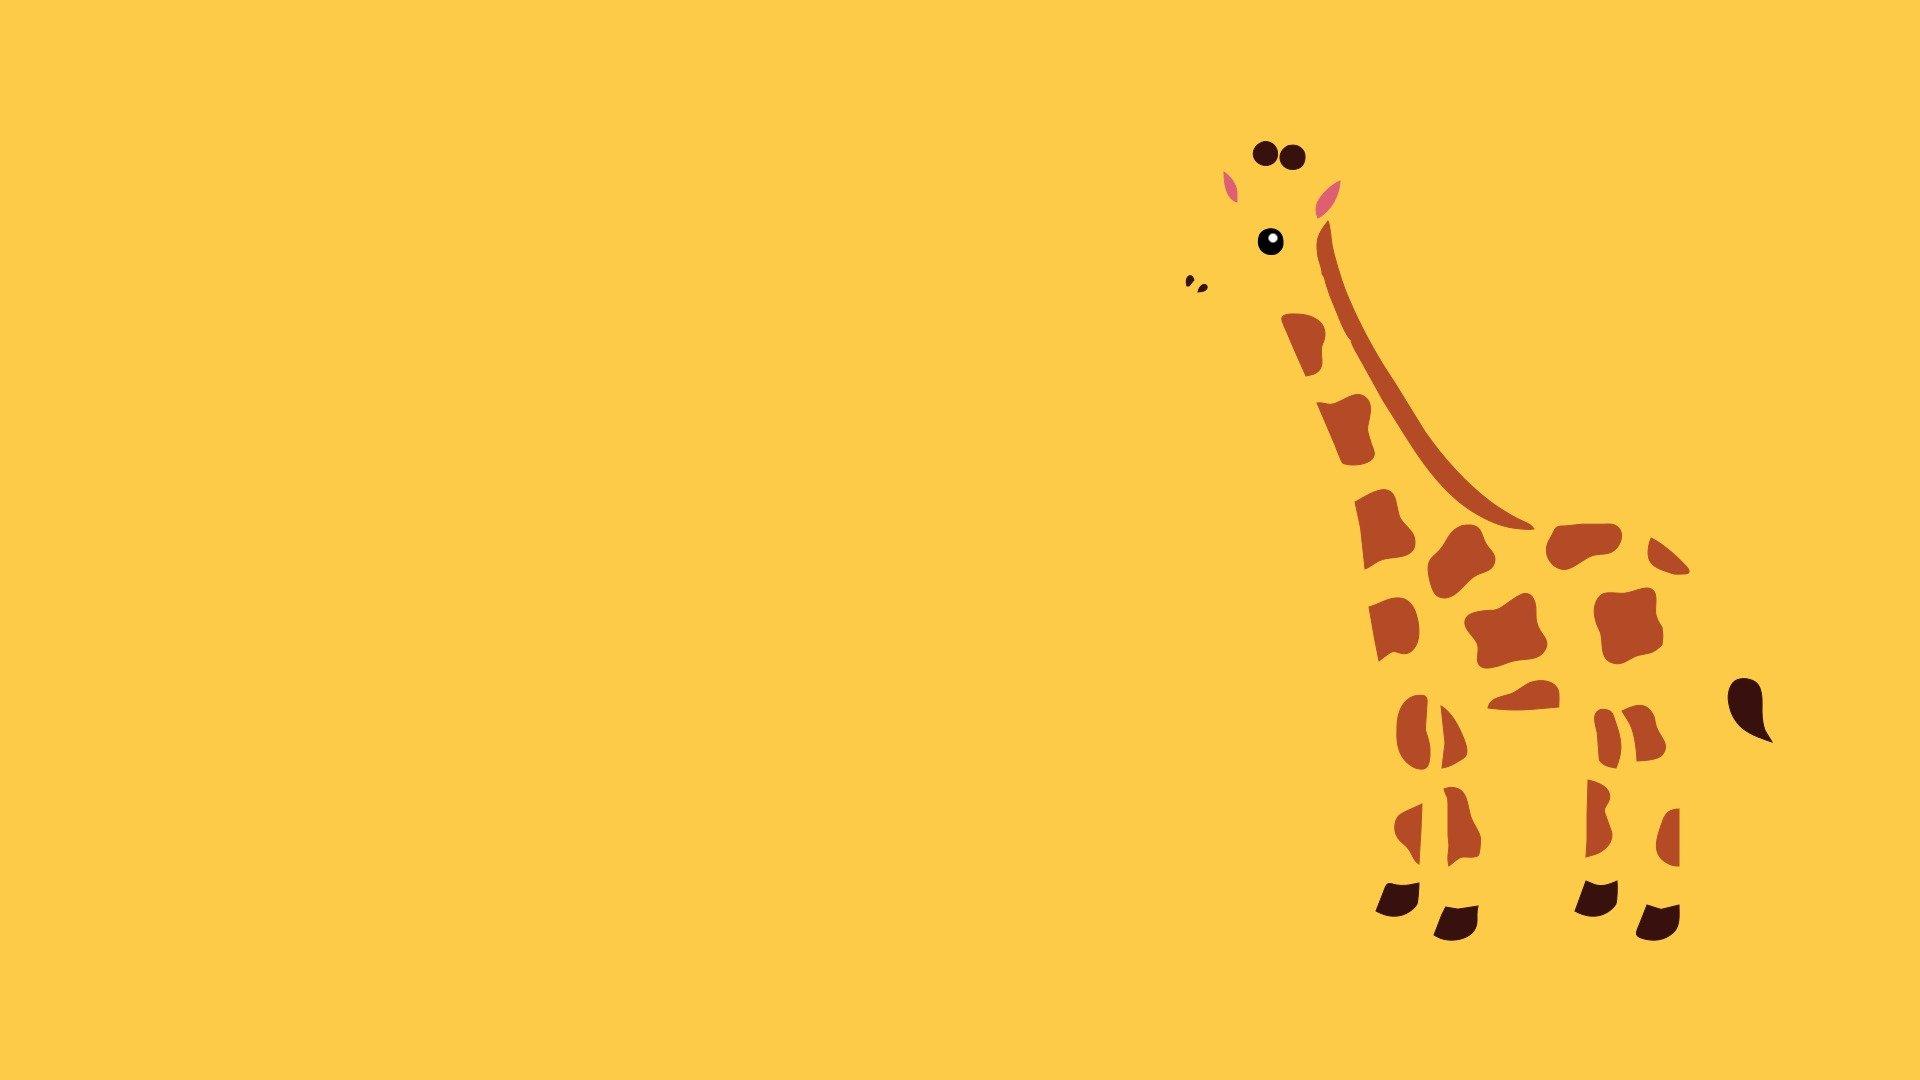 жираф рисунок  № 3522476 без смс